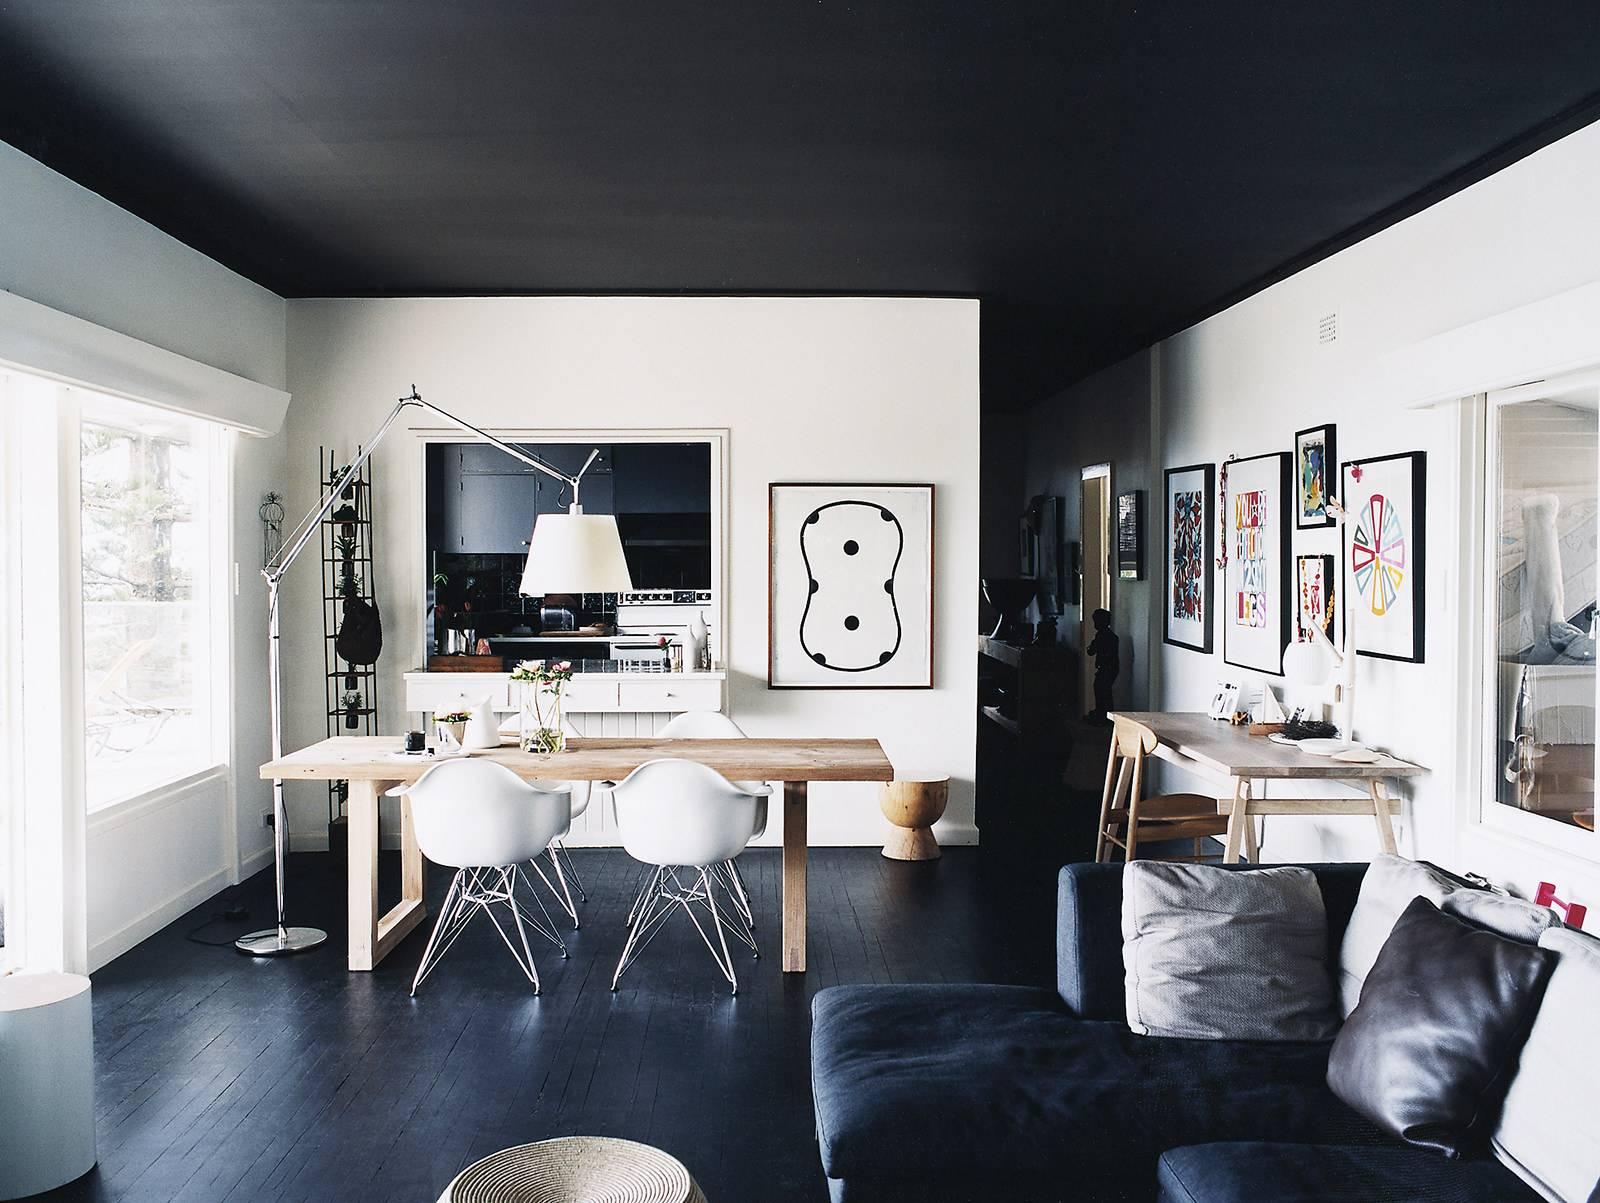 Комната с черным потолком - в каких случаях применяется такое решение